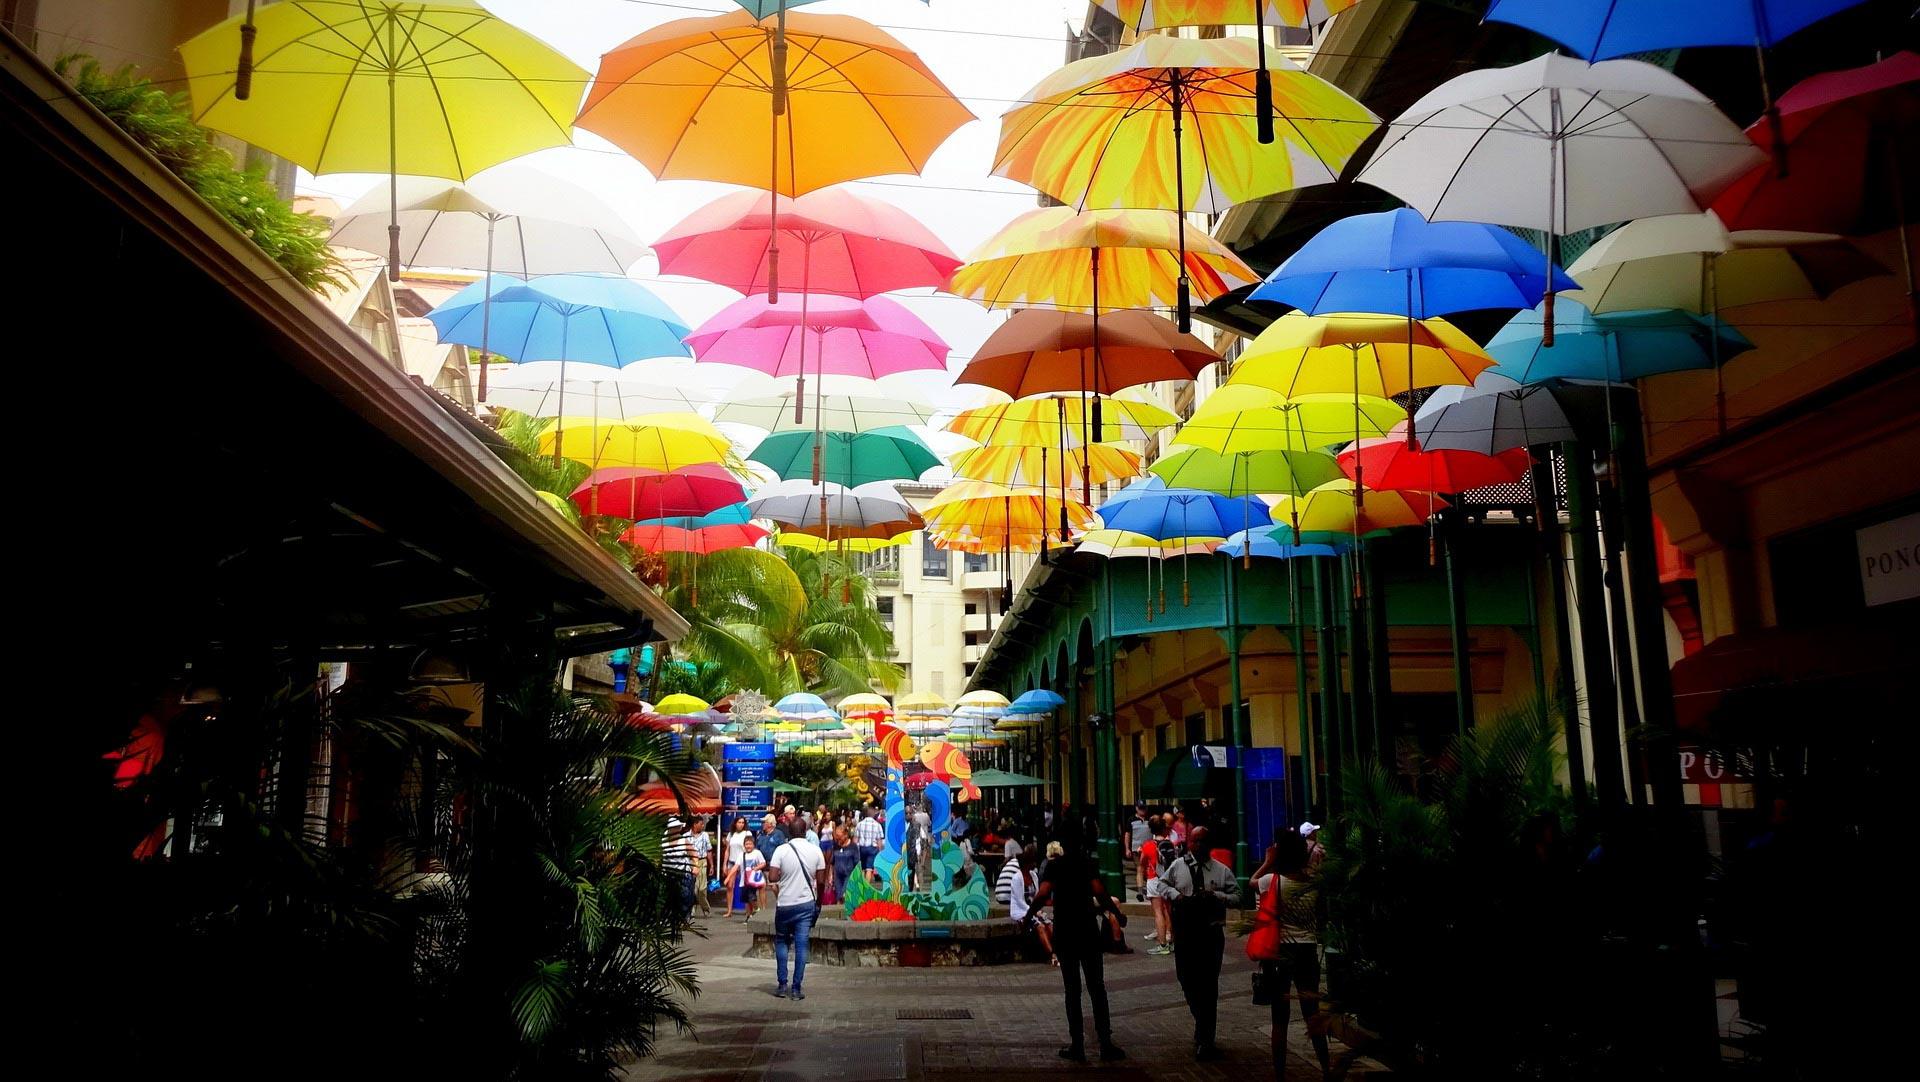 Port Louis, Mauritius, uliczka zparasolkami